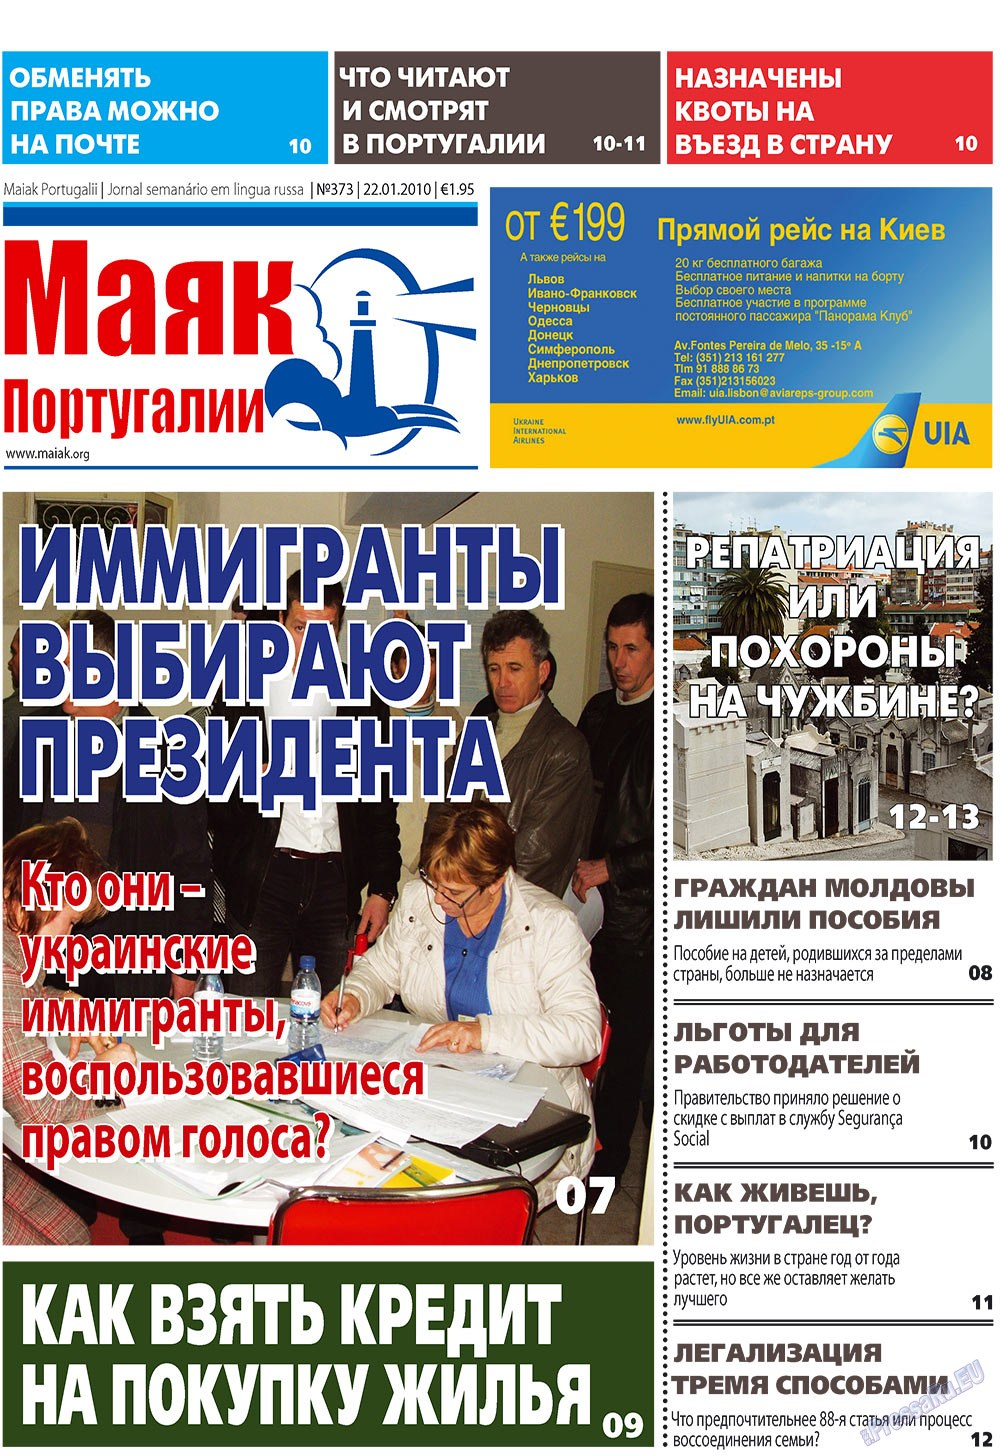 Маяк Португалии (газета). 2010 год, номер 373, стр. 1